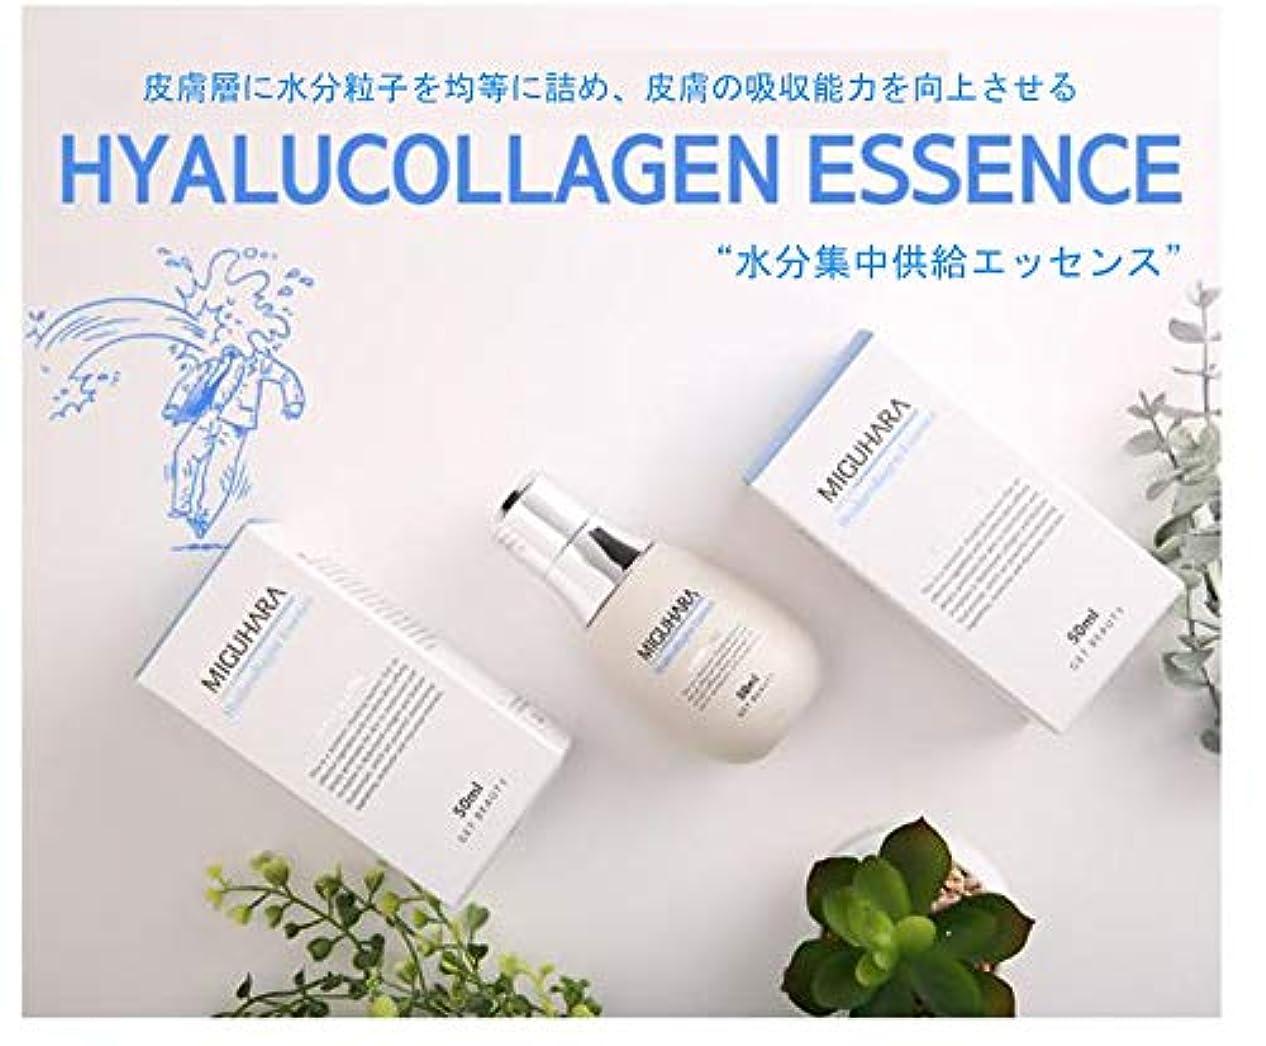 内部する機会MIGUHARA Hyalucollagen Essence 50ml /ヒアルロンコラーゲンエッセンス 50ml